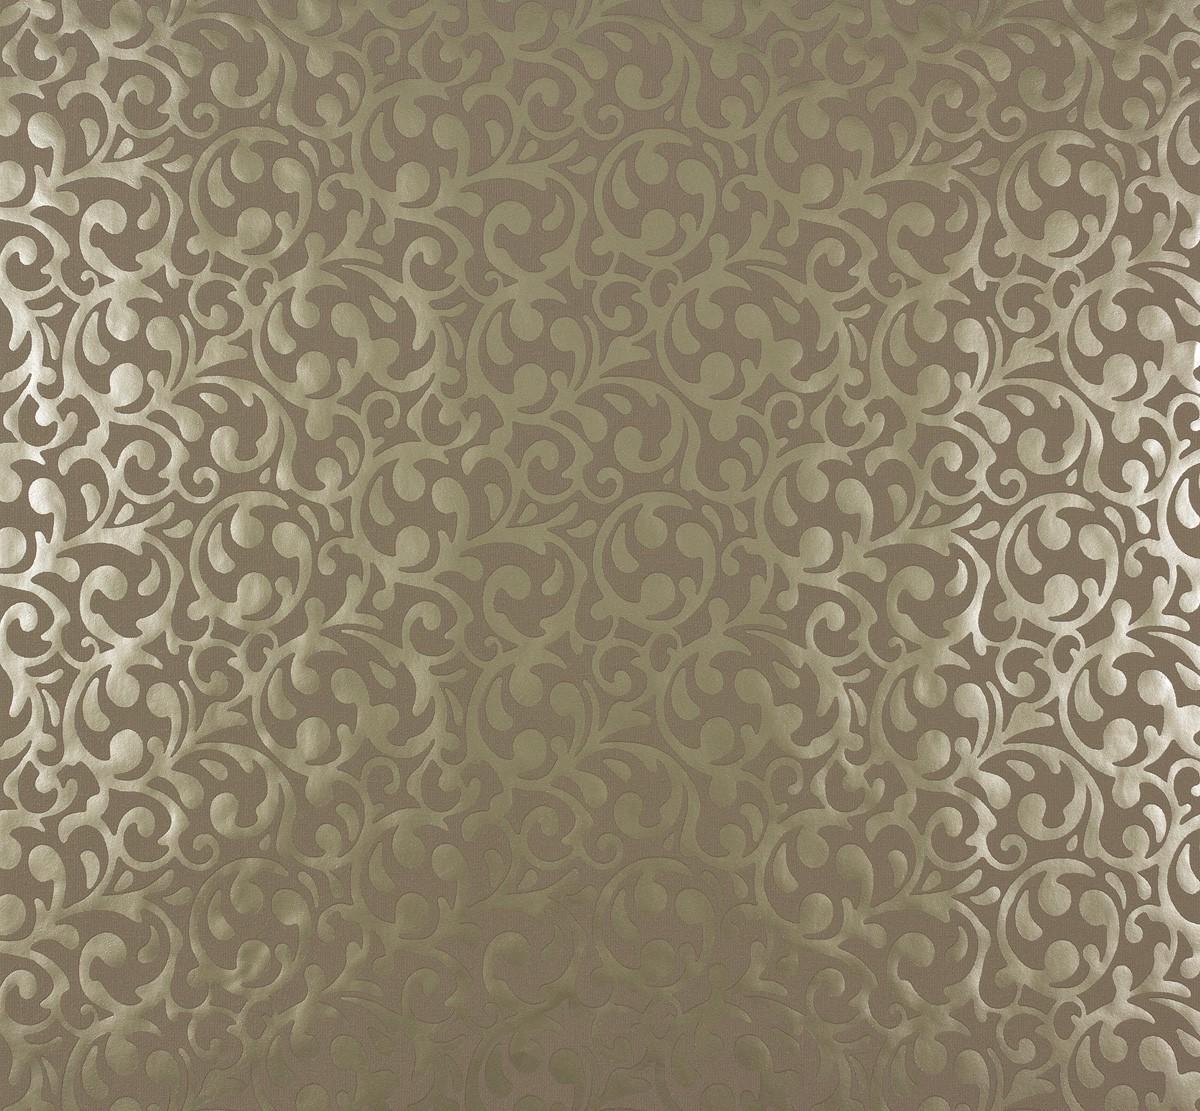 Tapety z nového katalógu tapiet Ornamental Home reálne foto - 55230